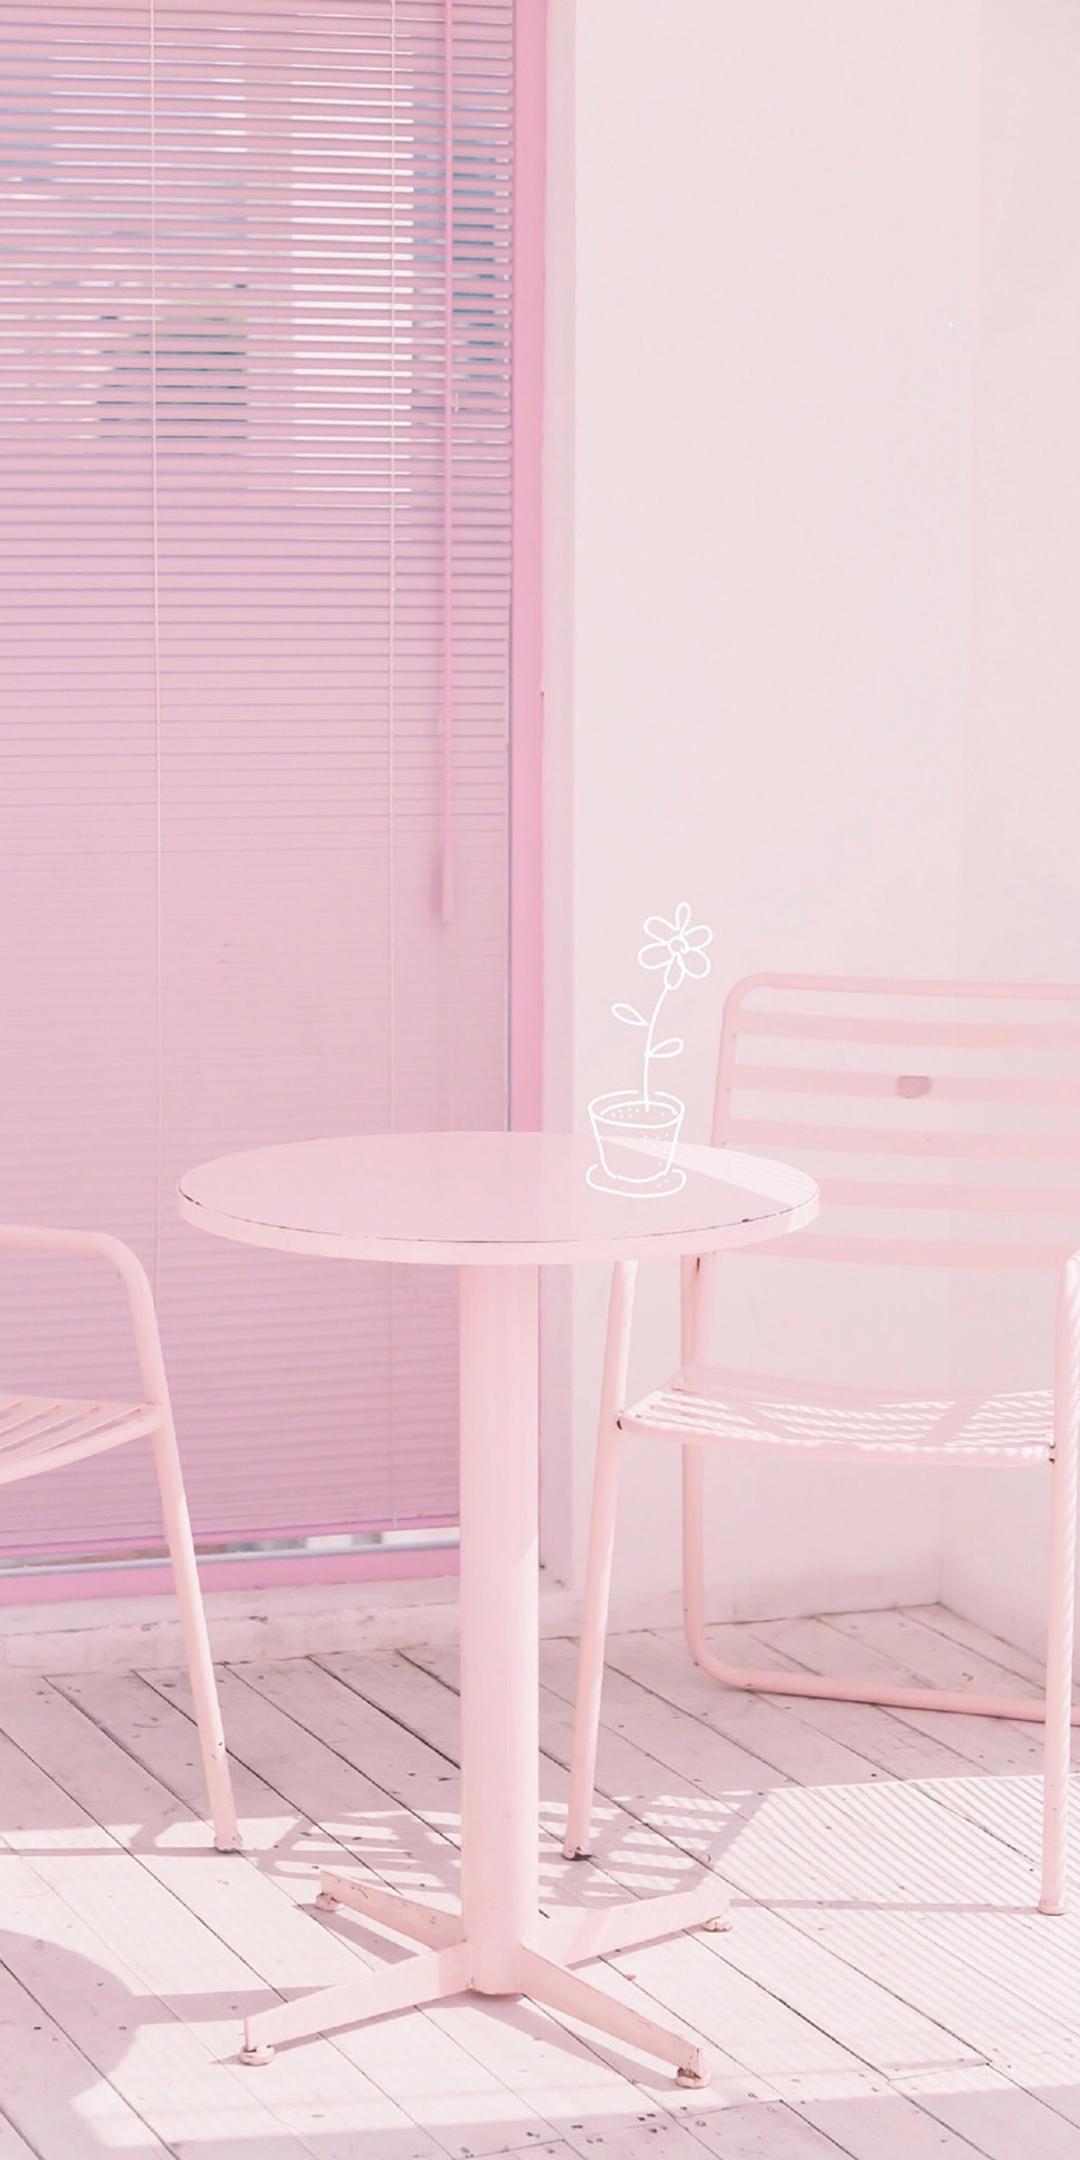 5e67b8914e30e - 粉色系少女心手机壁纸